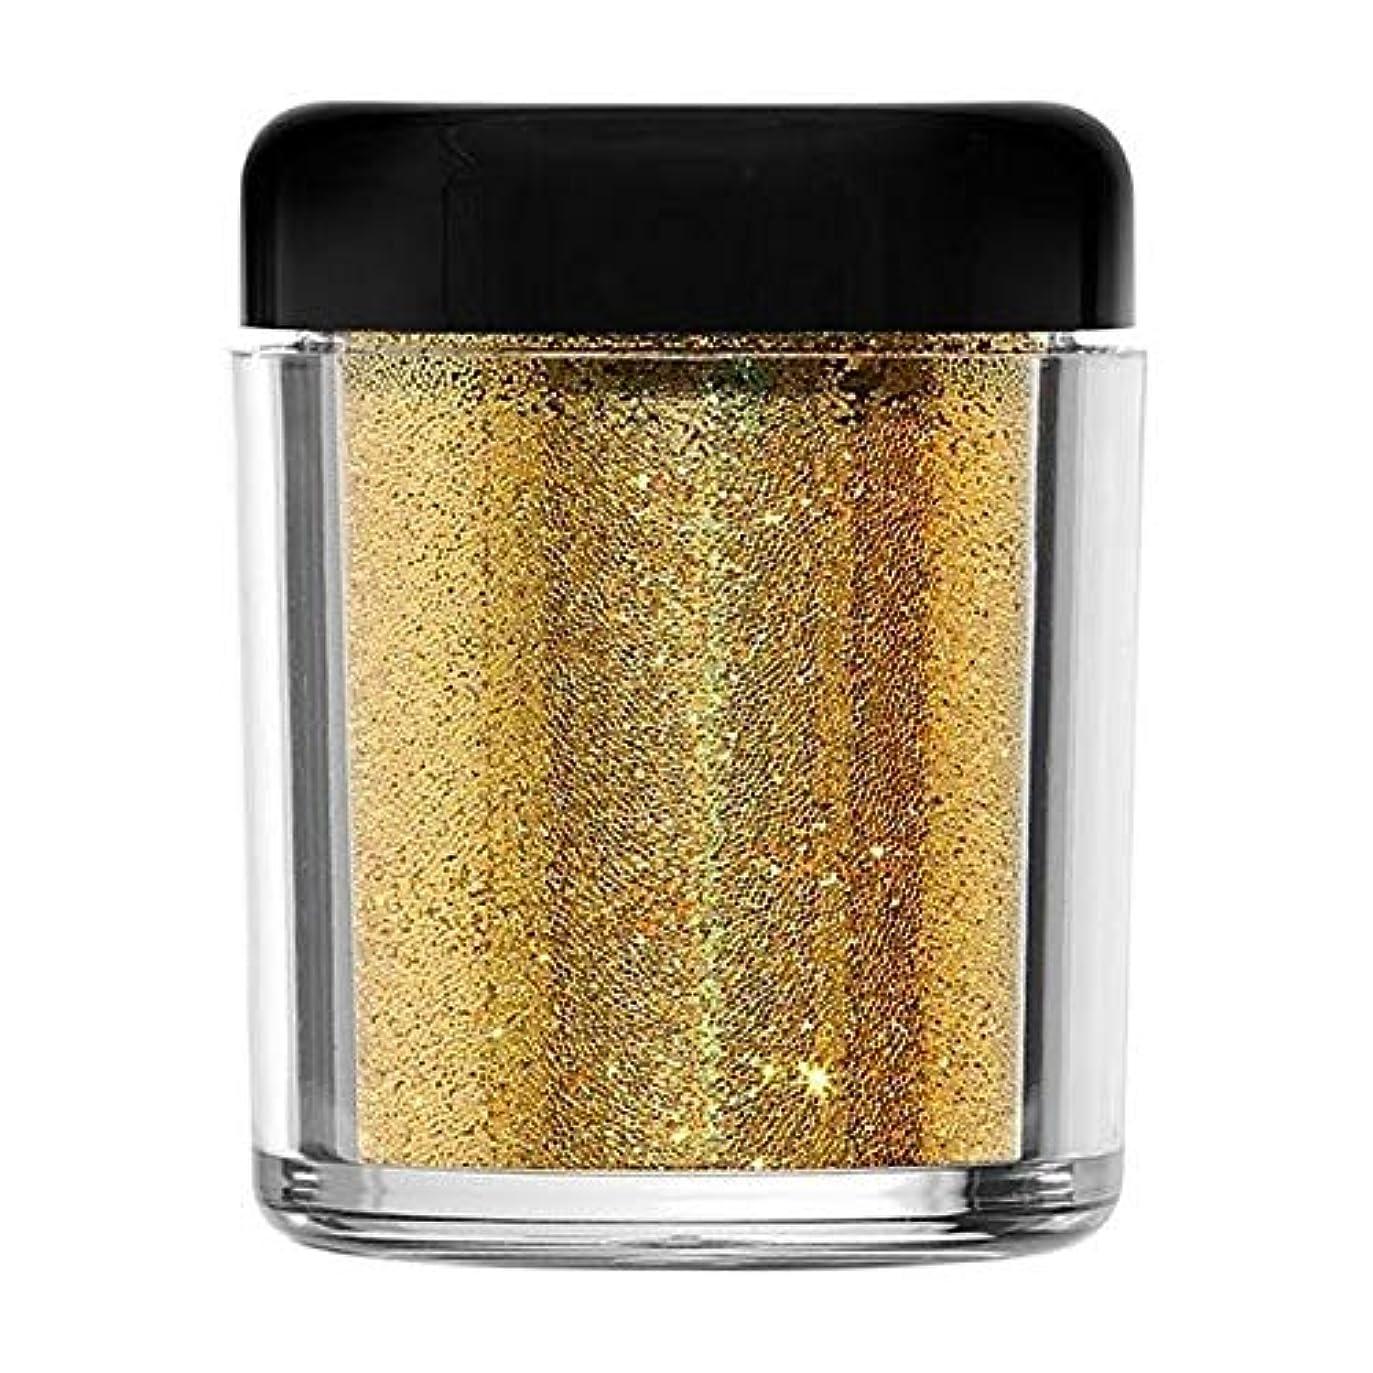 無限大禁止消去[Barry M ] バリーメートルのグリッターラッシュボディの輝き - 火の玉 - Barry M Glitter Rush Body Glitter - Fireball [並行輸入品]